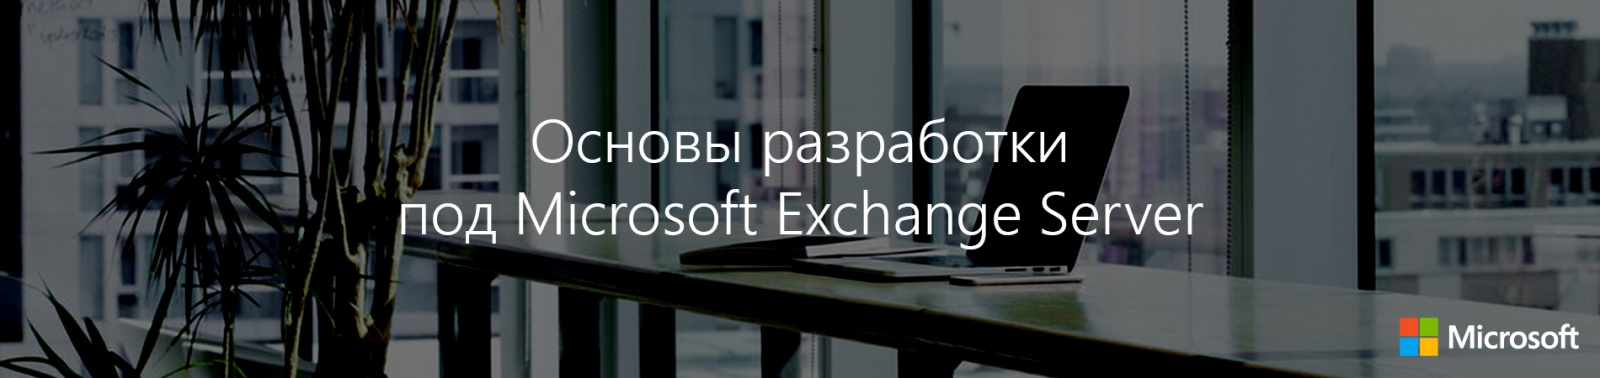 Основы разработки под Microsoft Exchange Server - 1